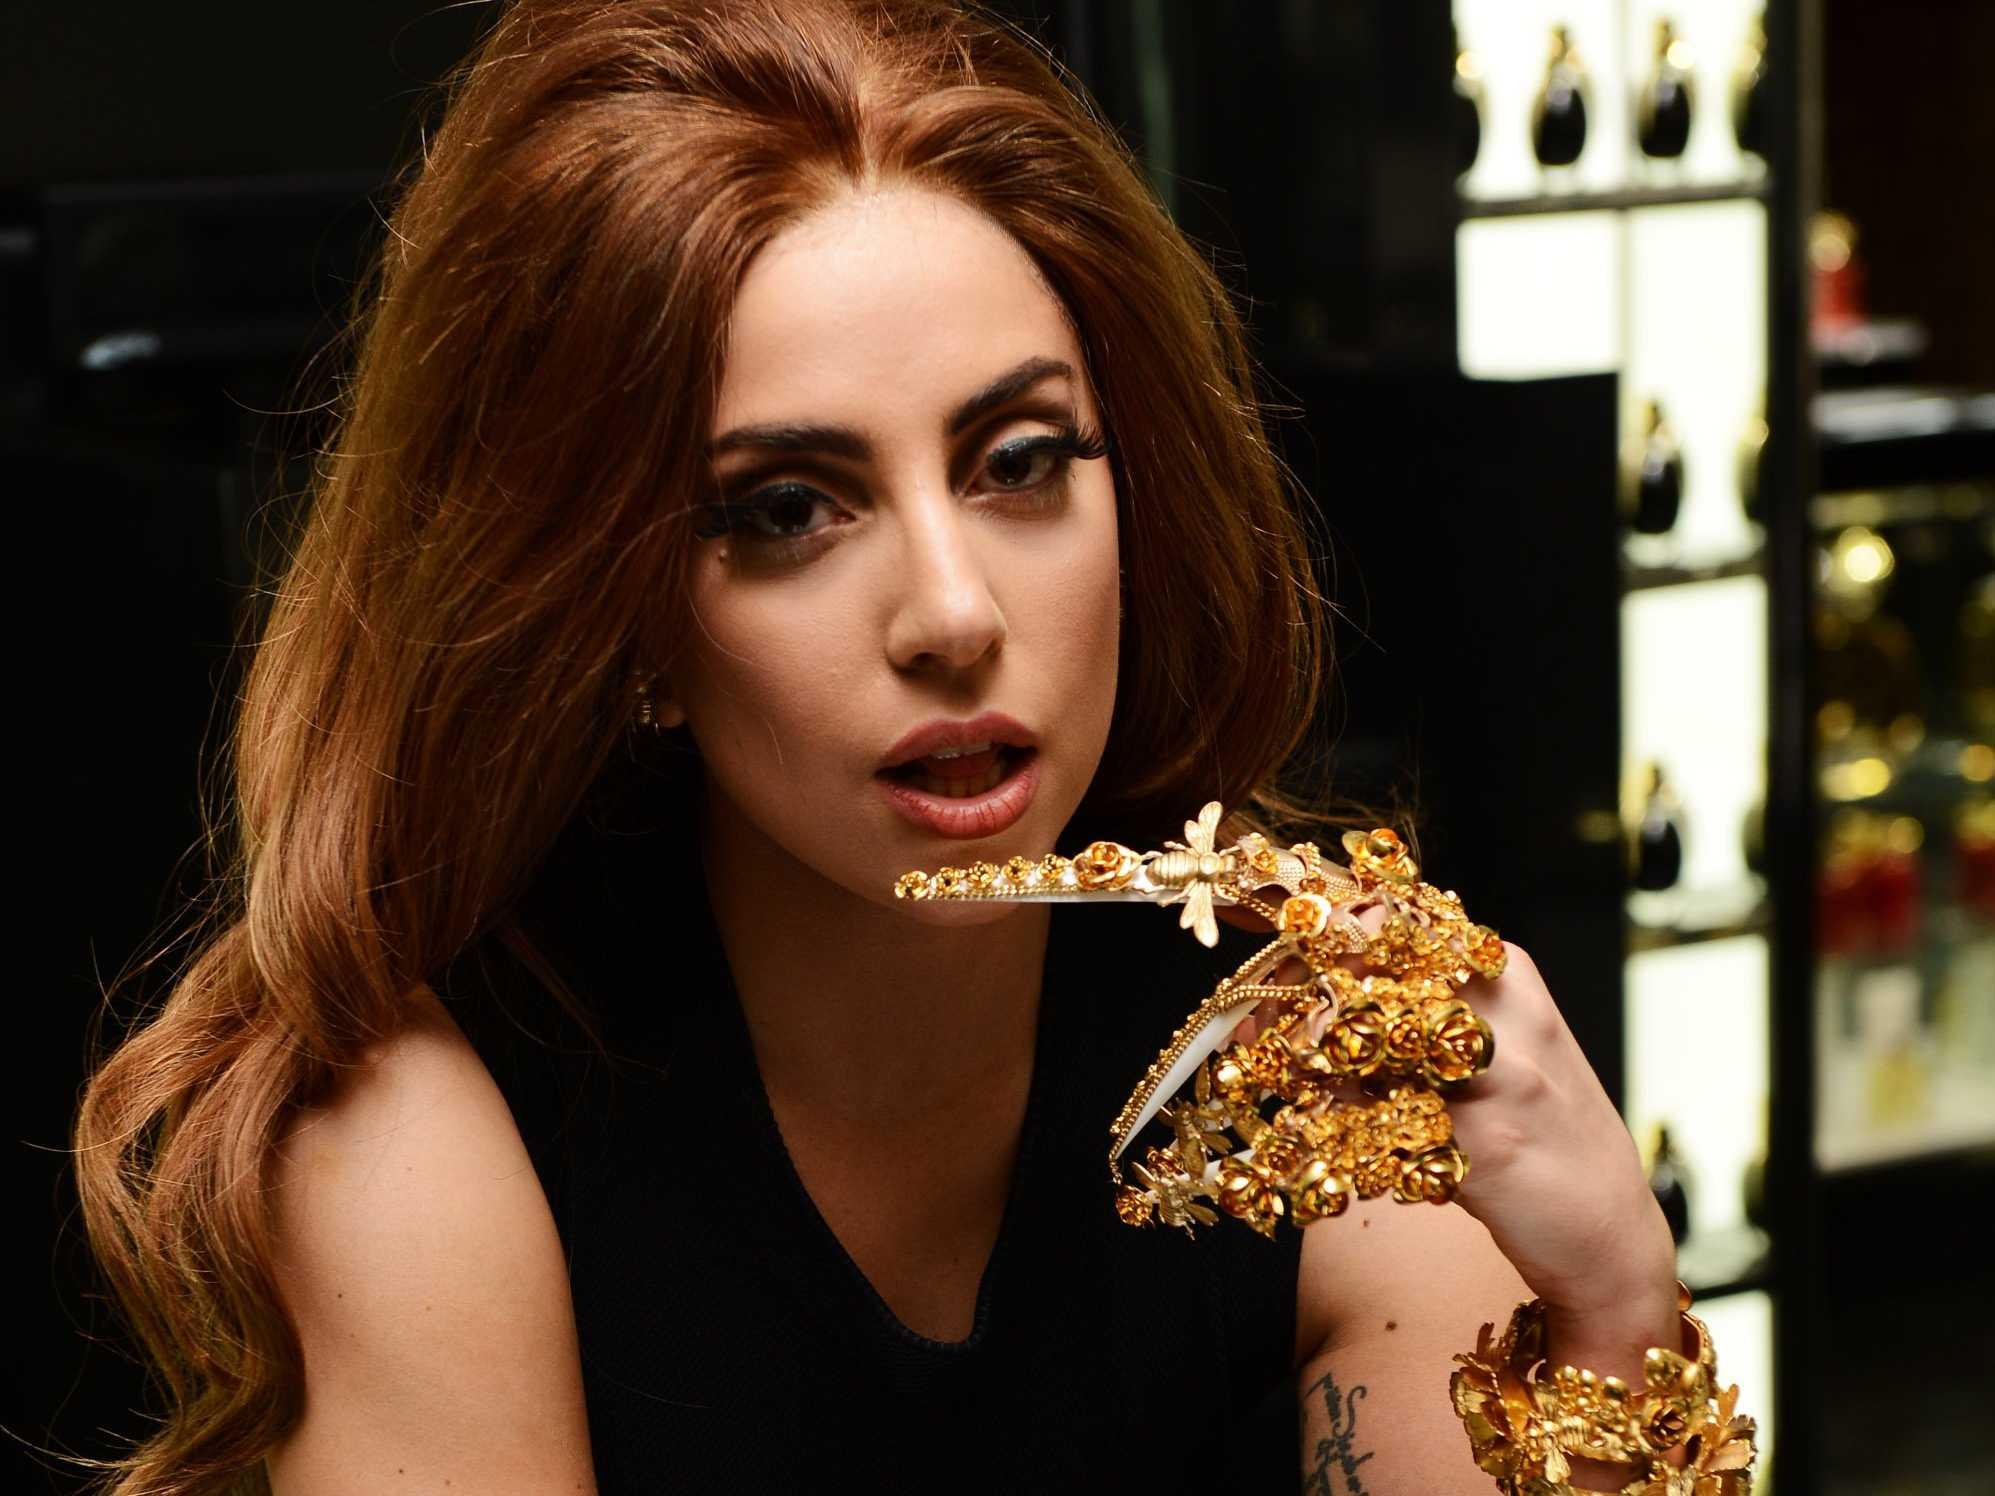 Cea mai socanta poza cu Lady Gaga